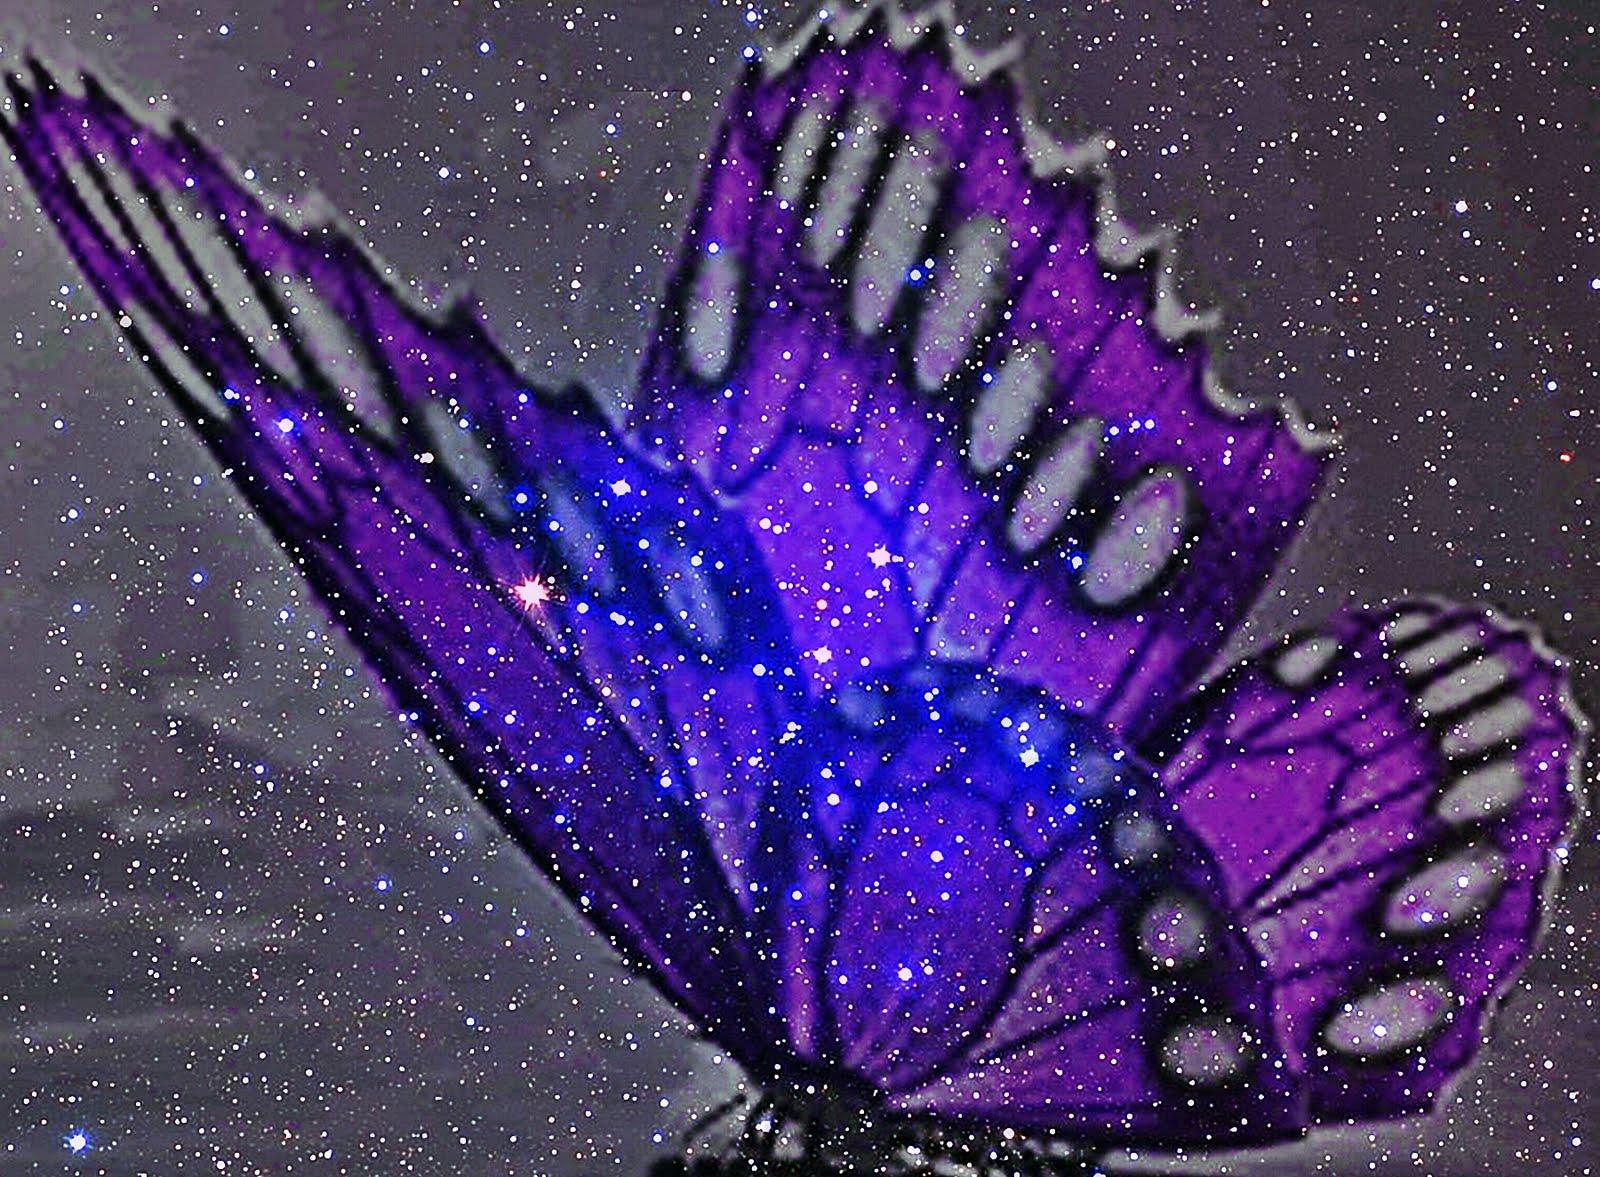 Fondos De Mariposas Moradas Con Movimiento